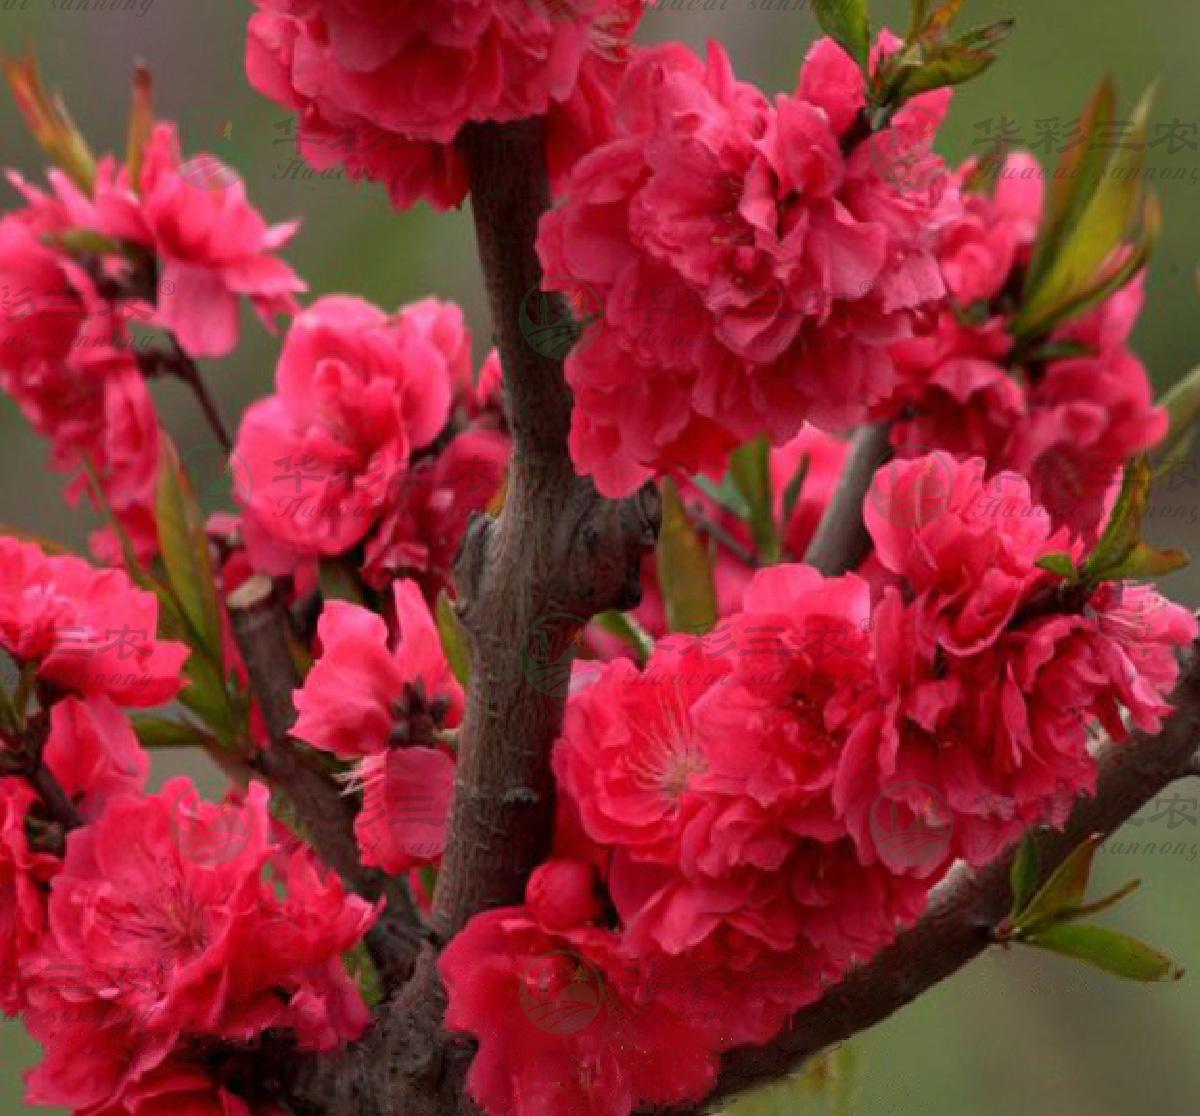 中国红观赏桃